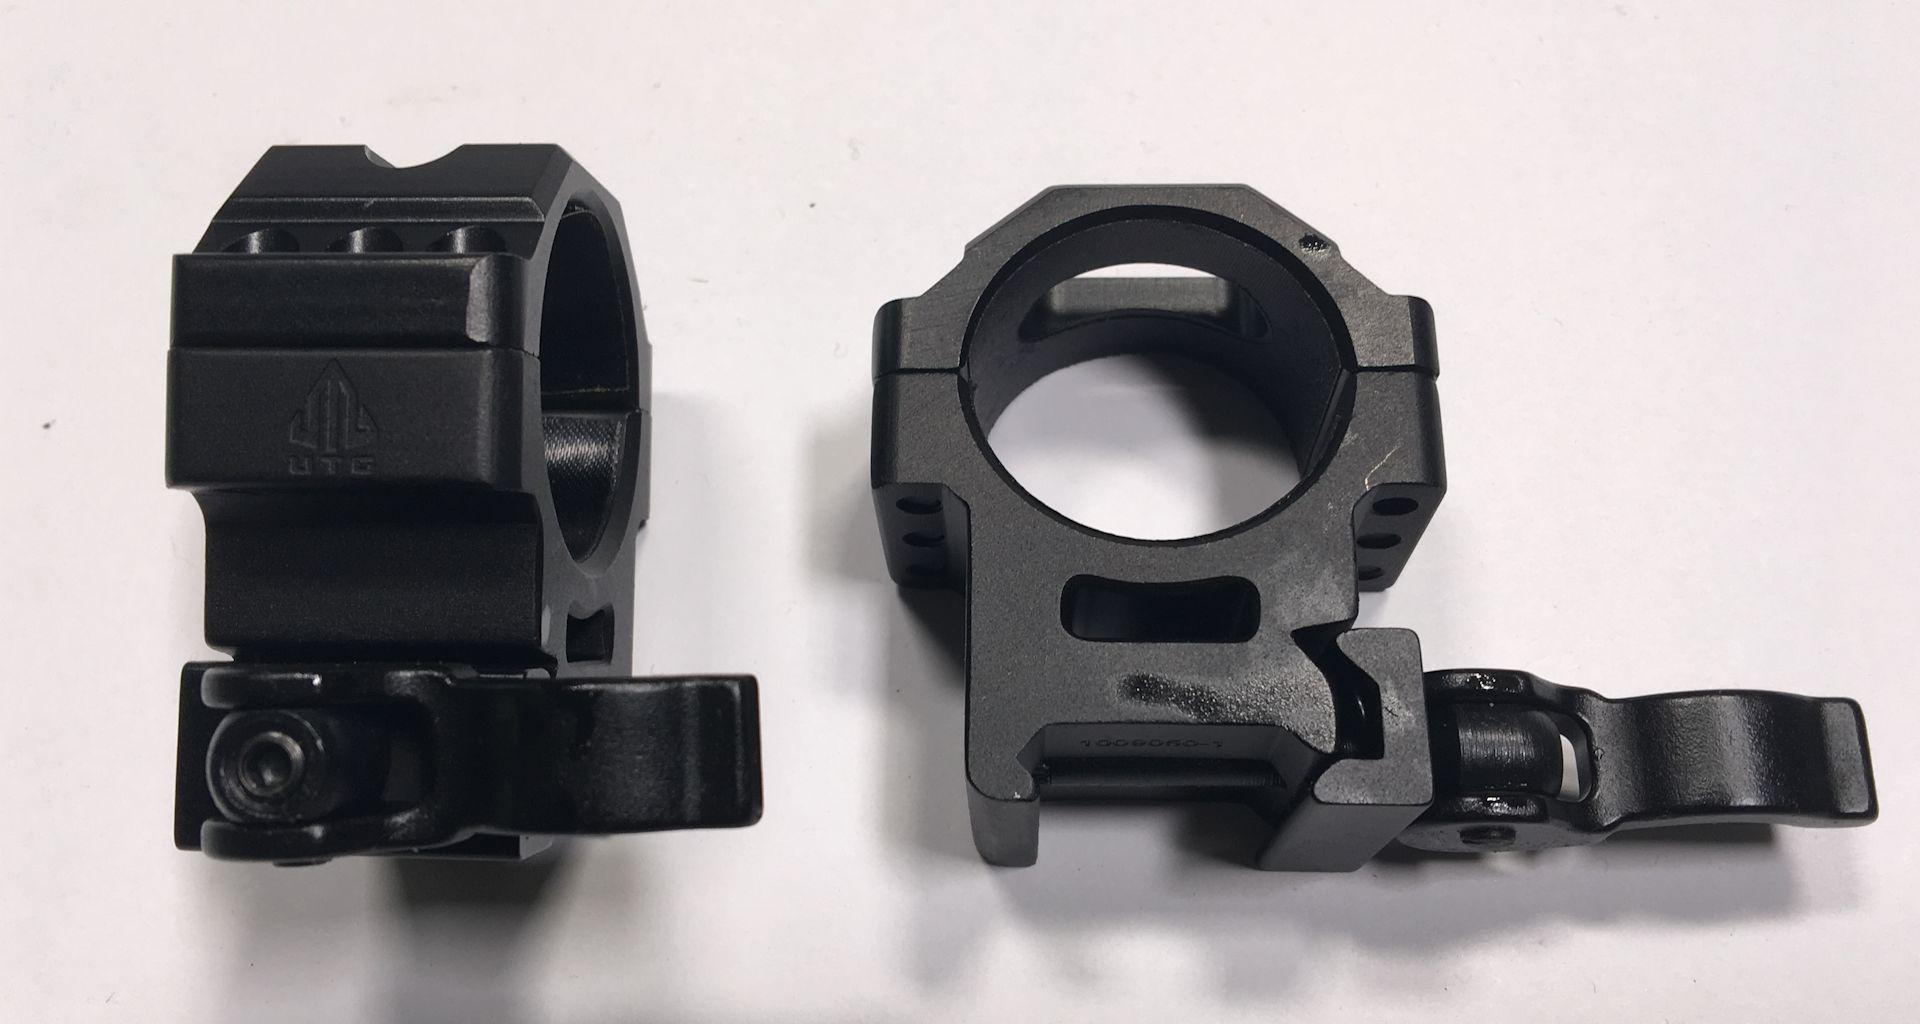 Montageringe 30mm für Schienenbreite 21mm mit Schnellspanner, Sattelhöhe 15mm